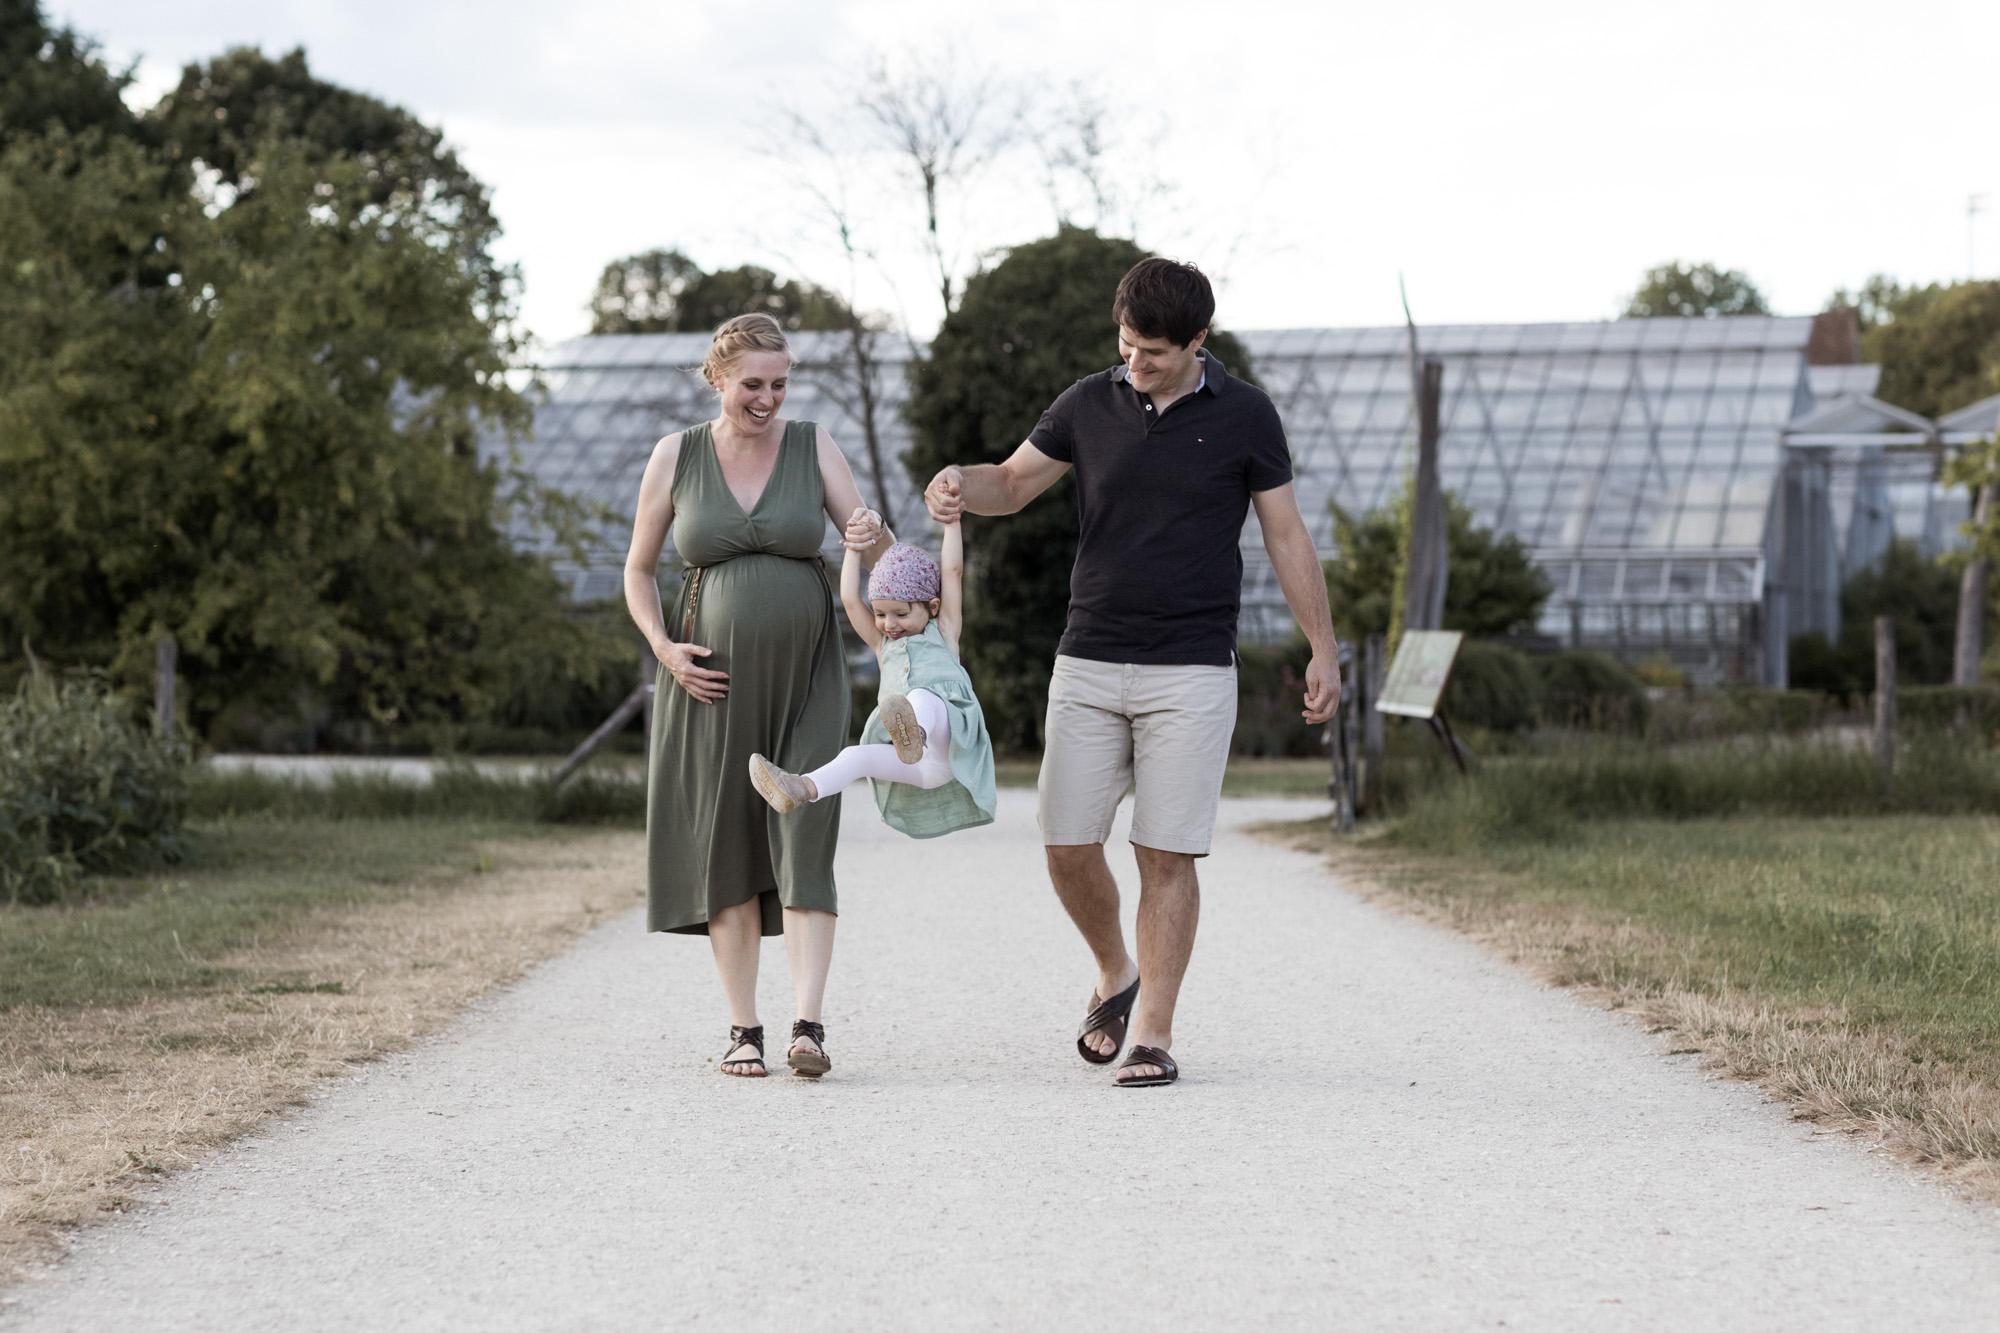 Babybauch und Familienfotoshooting in den Merian Gärten - Die Familie spaziert in den Merian Gärten